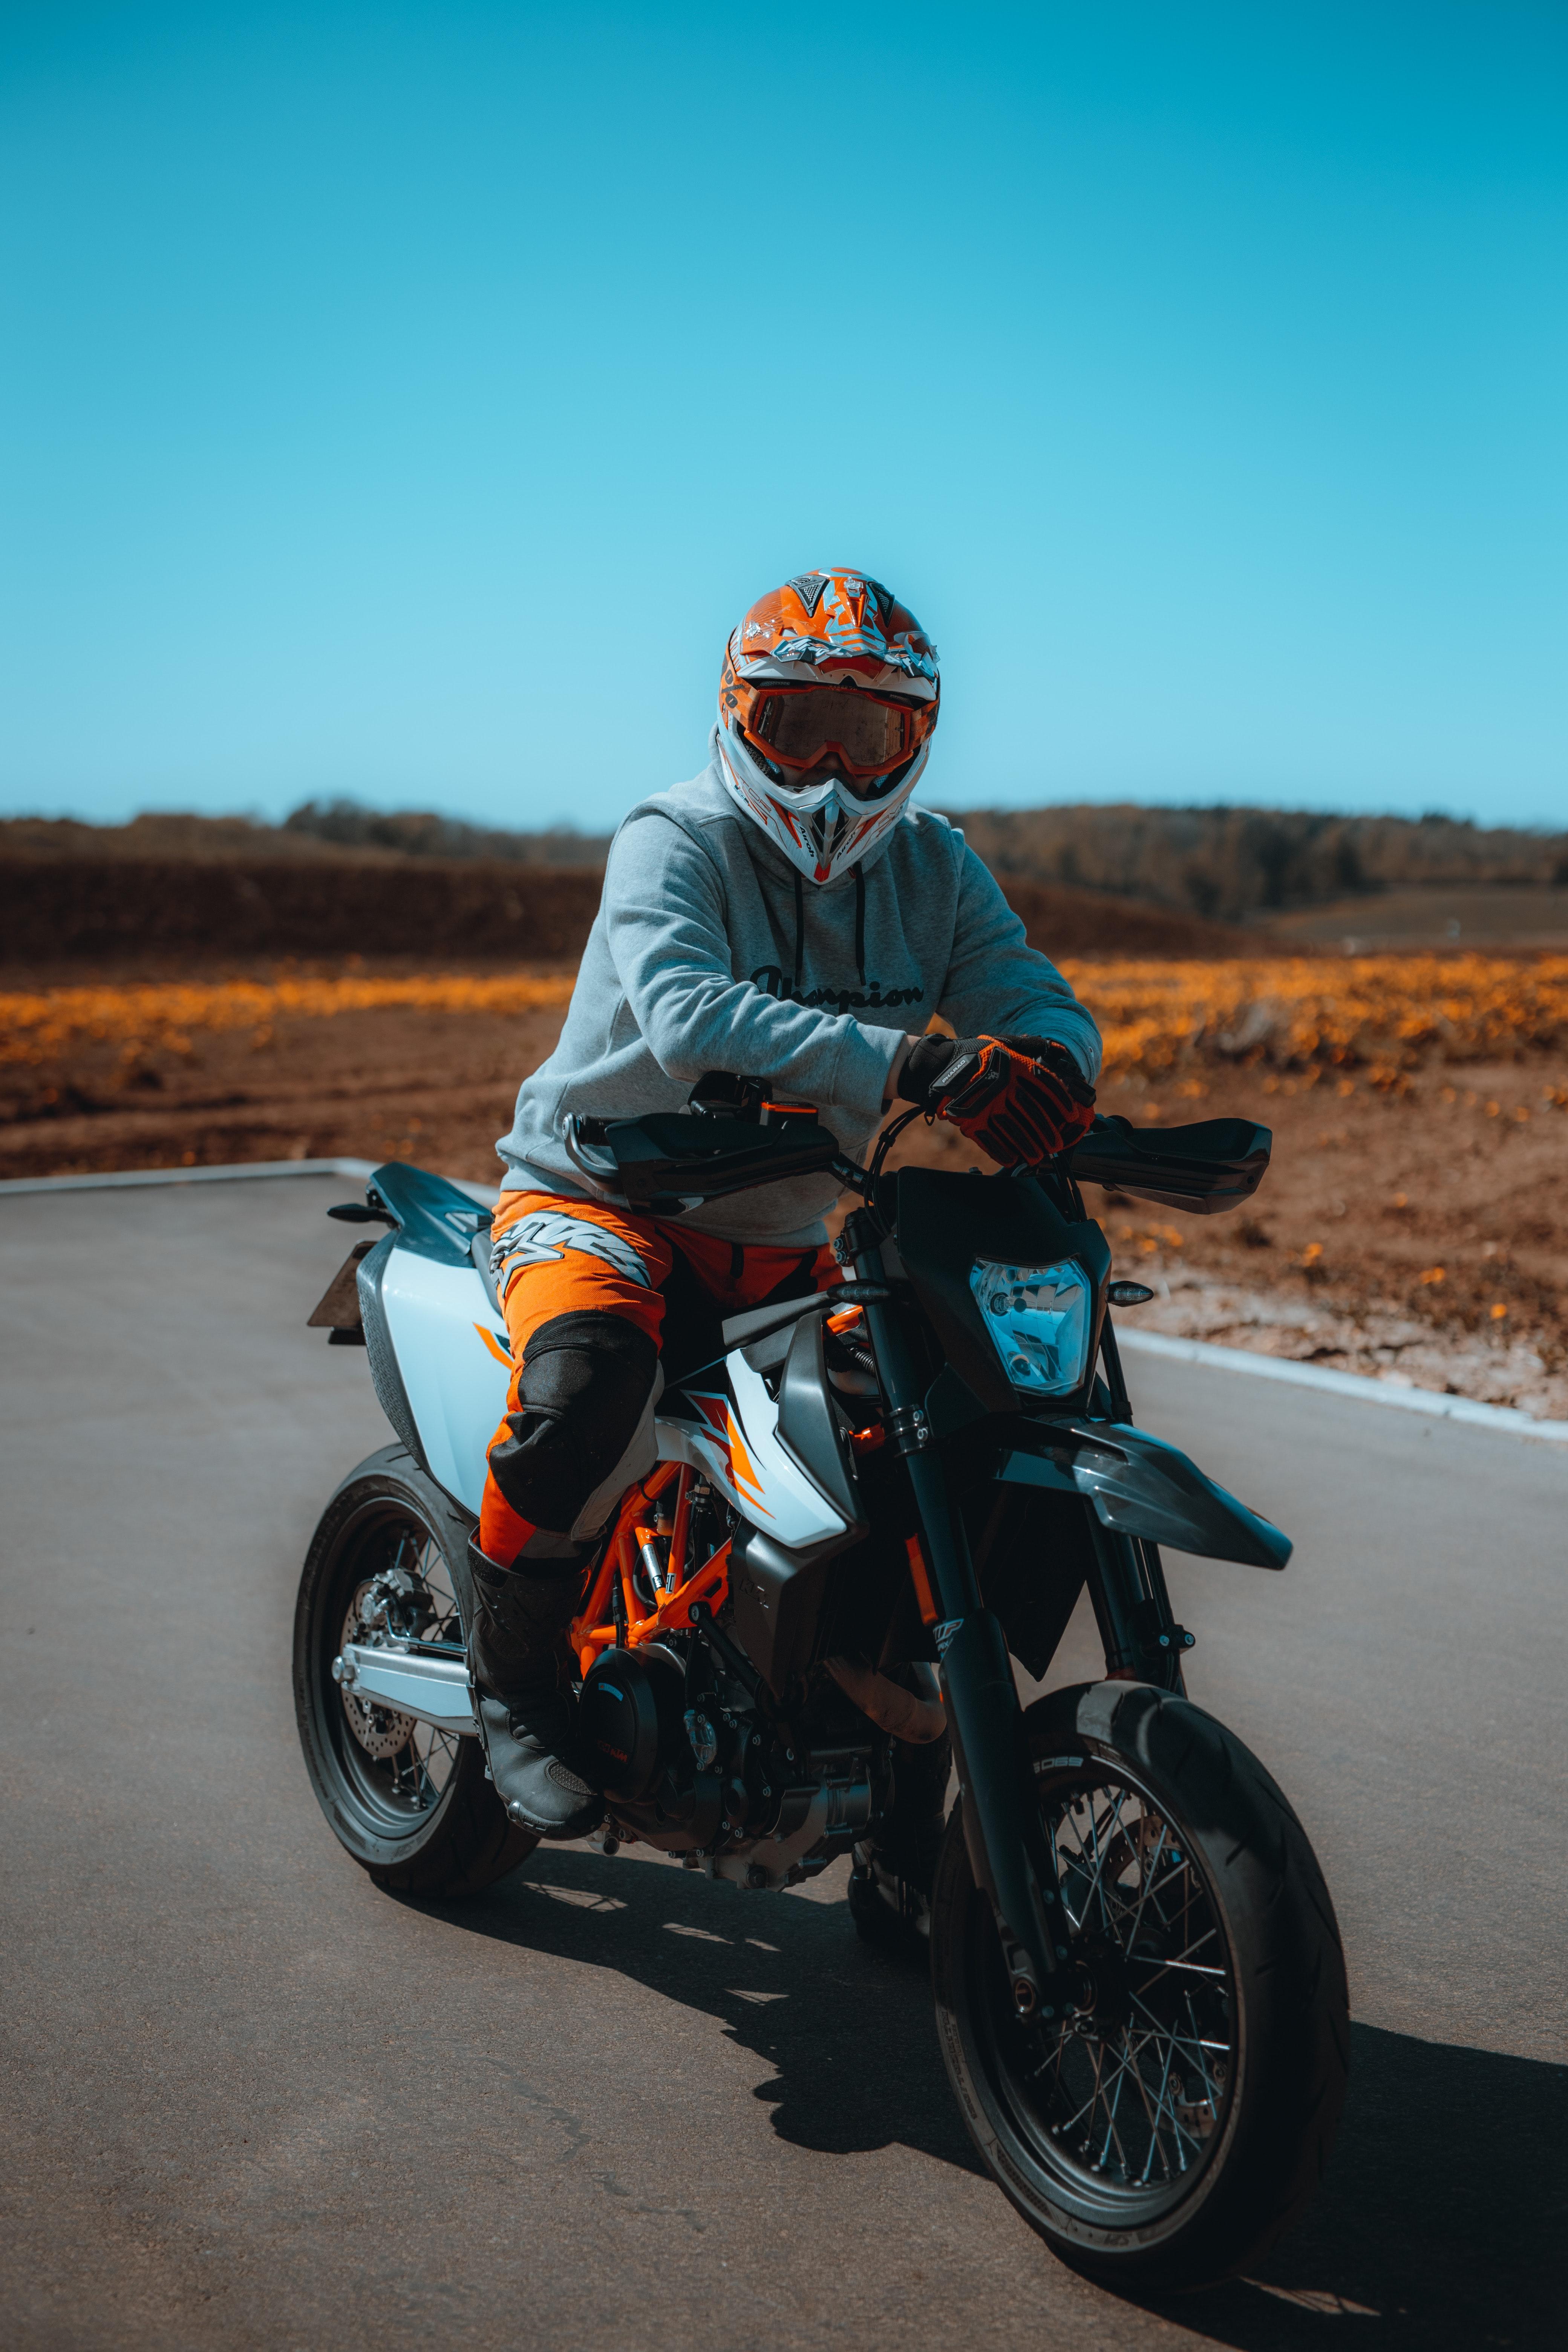 71414 скачать обои Мотоциклы, Мотоциклист, Мотоцикл, Шлем, Очки - заставки и картинки бесплатно